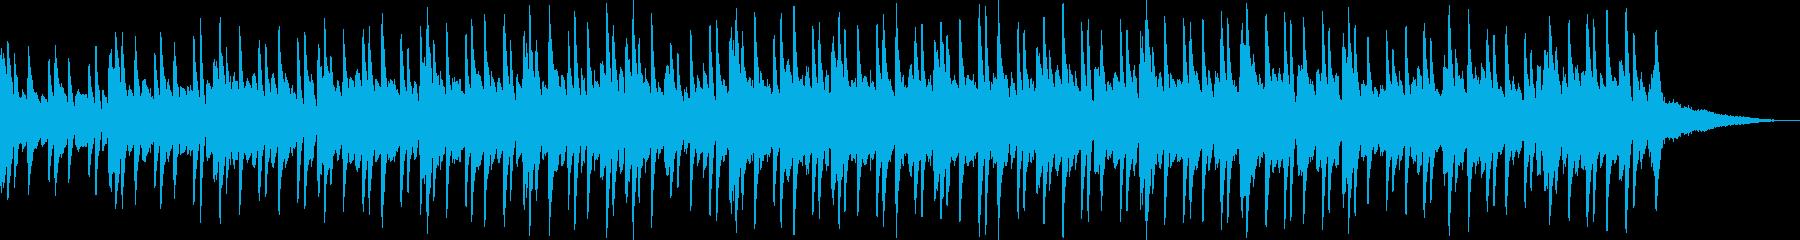 メロディにドしか使っつない実験曲の再生済みの波形